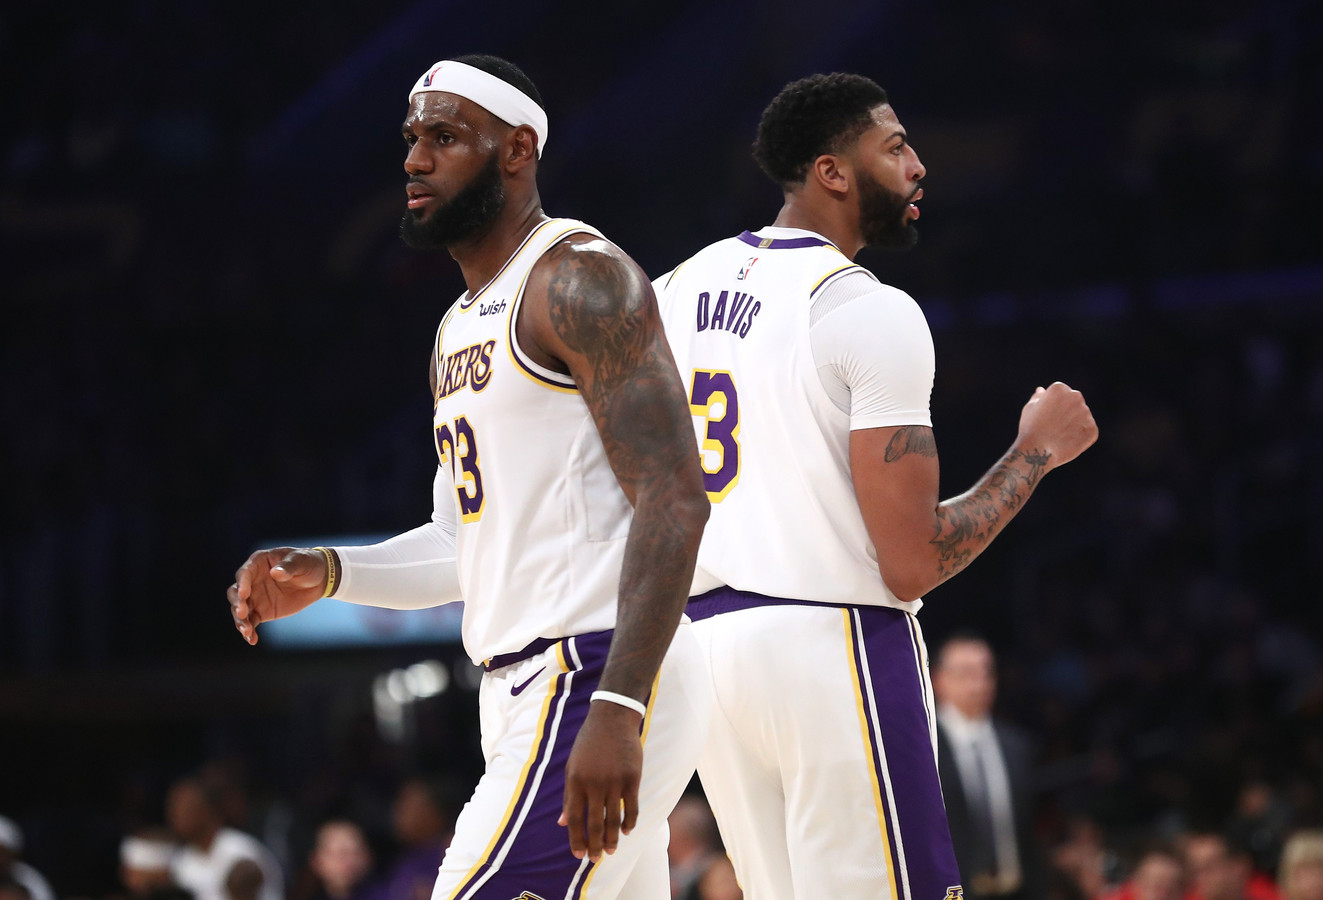 Anthony Davis (rechts) moet LeBron James (links) bijstaan in de titeljacht van LA Lakers.